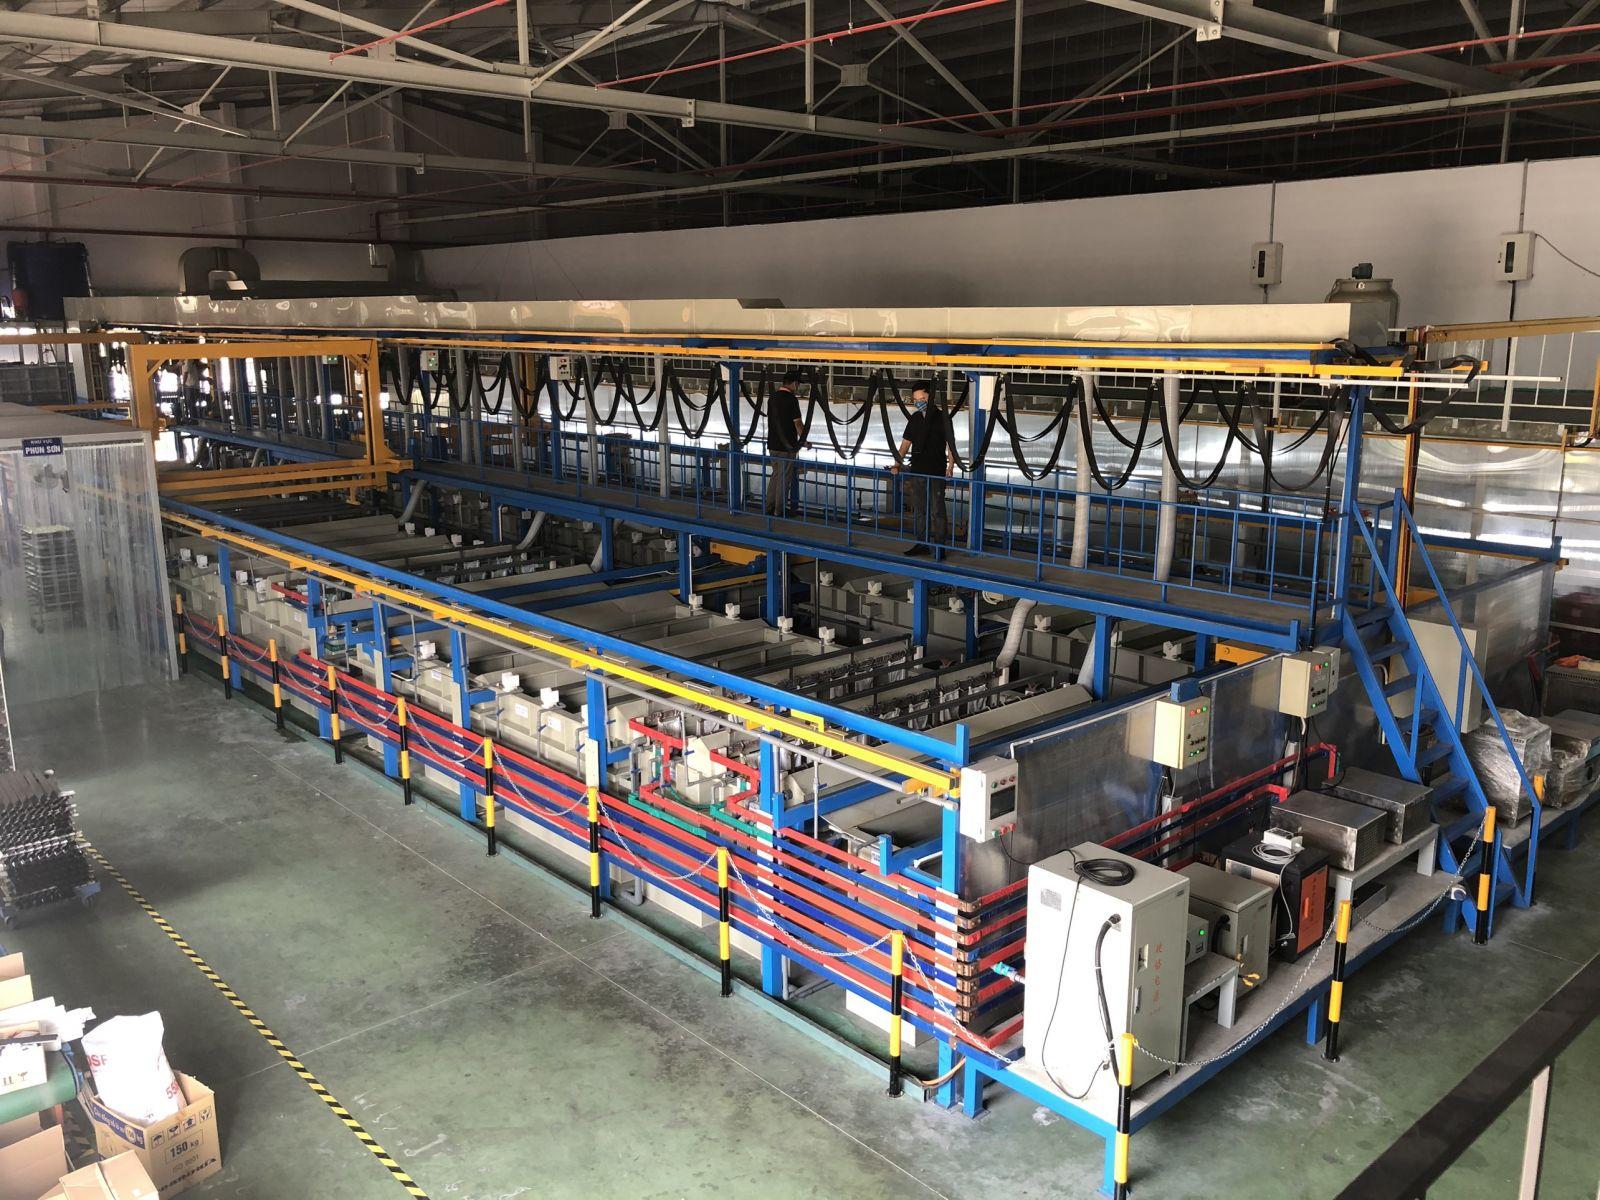 Quy trình xử lý nước thải trong ngành xi mạ (Electroplating and metalfinishing)